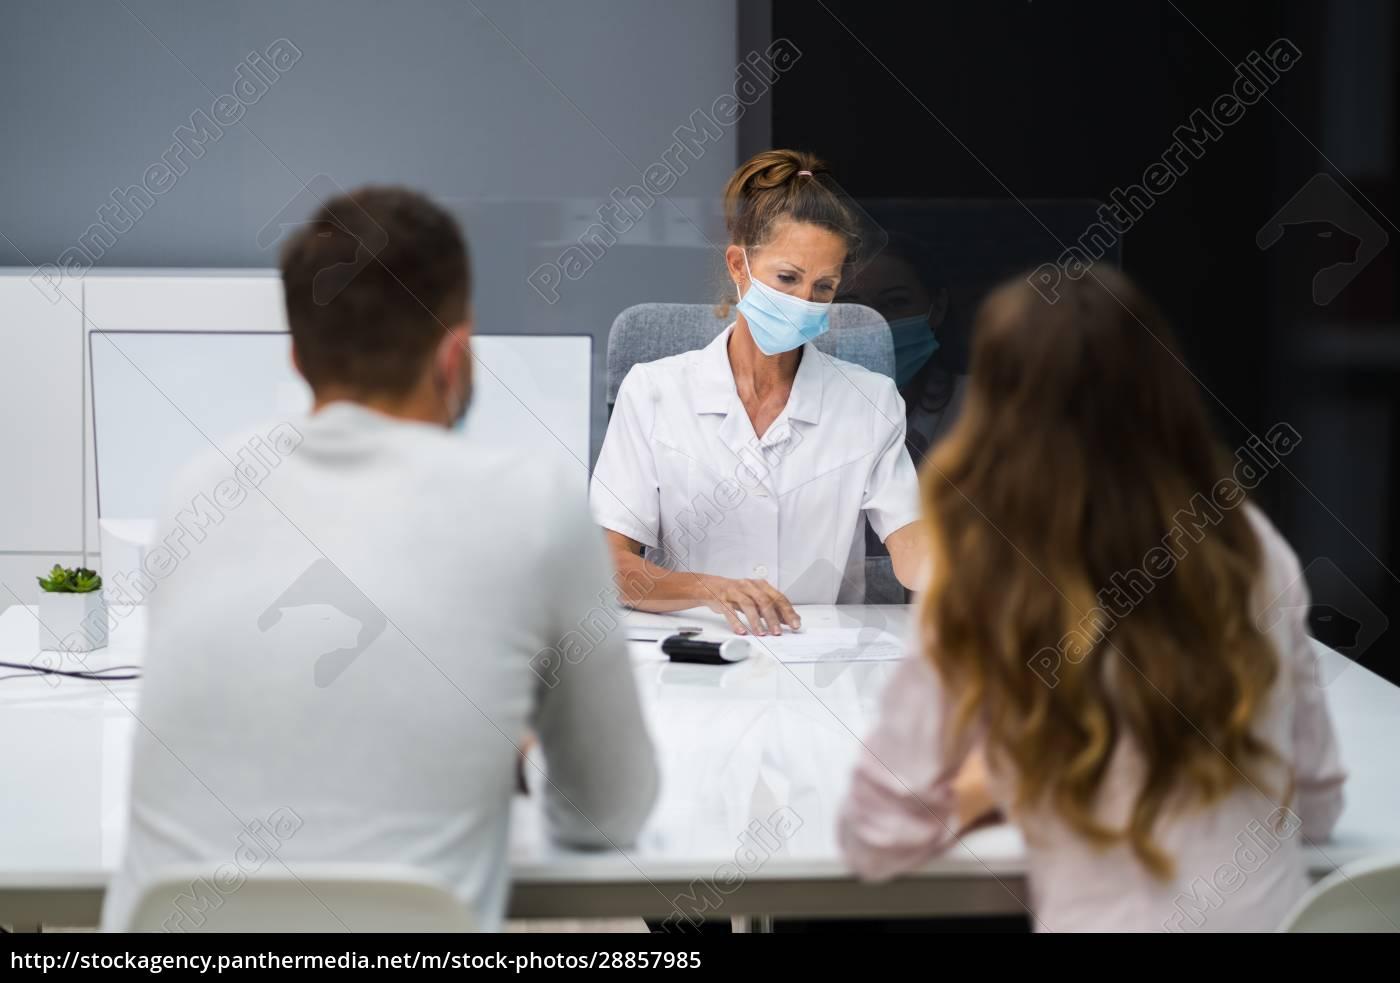 lekarz, rozmawia, z, pacjentem, na, spotkaniu - 28857985